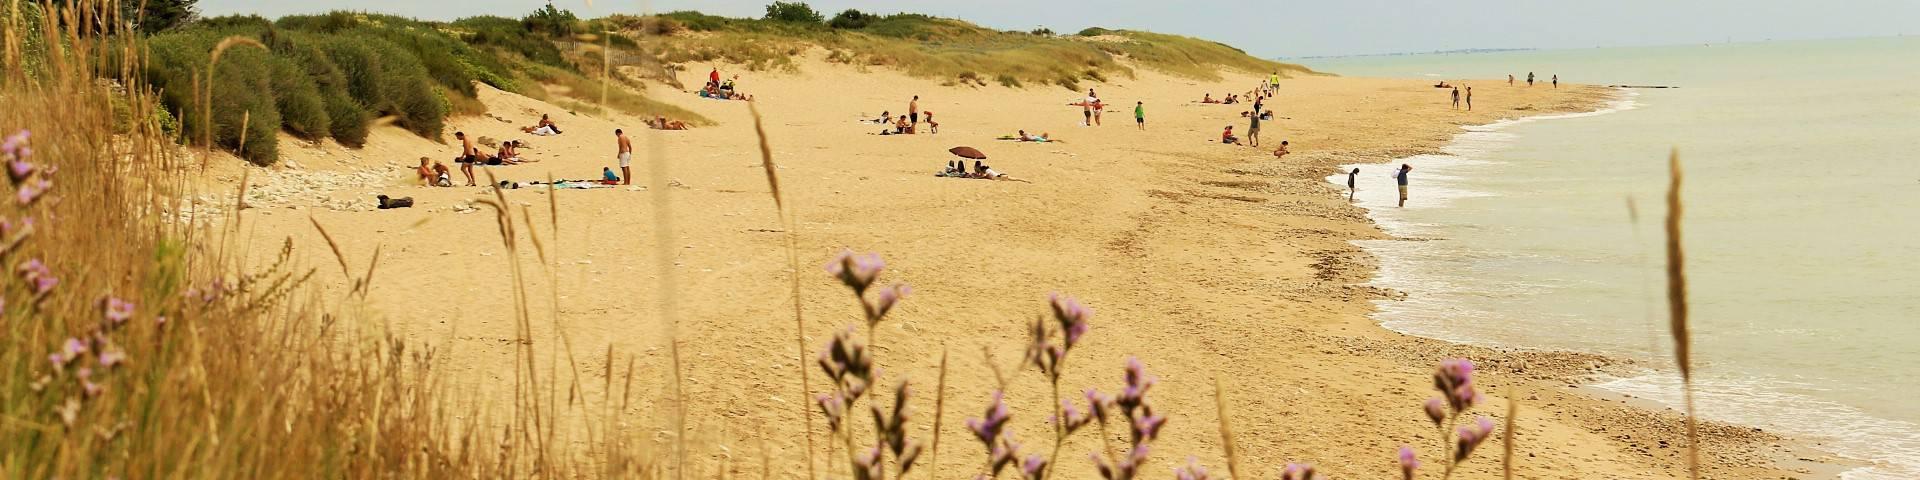 The beaches in Sainte-Marie-de-Ré by Lesley Williamson